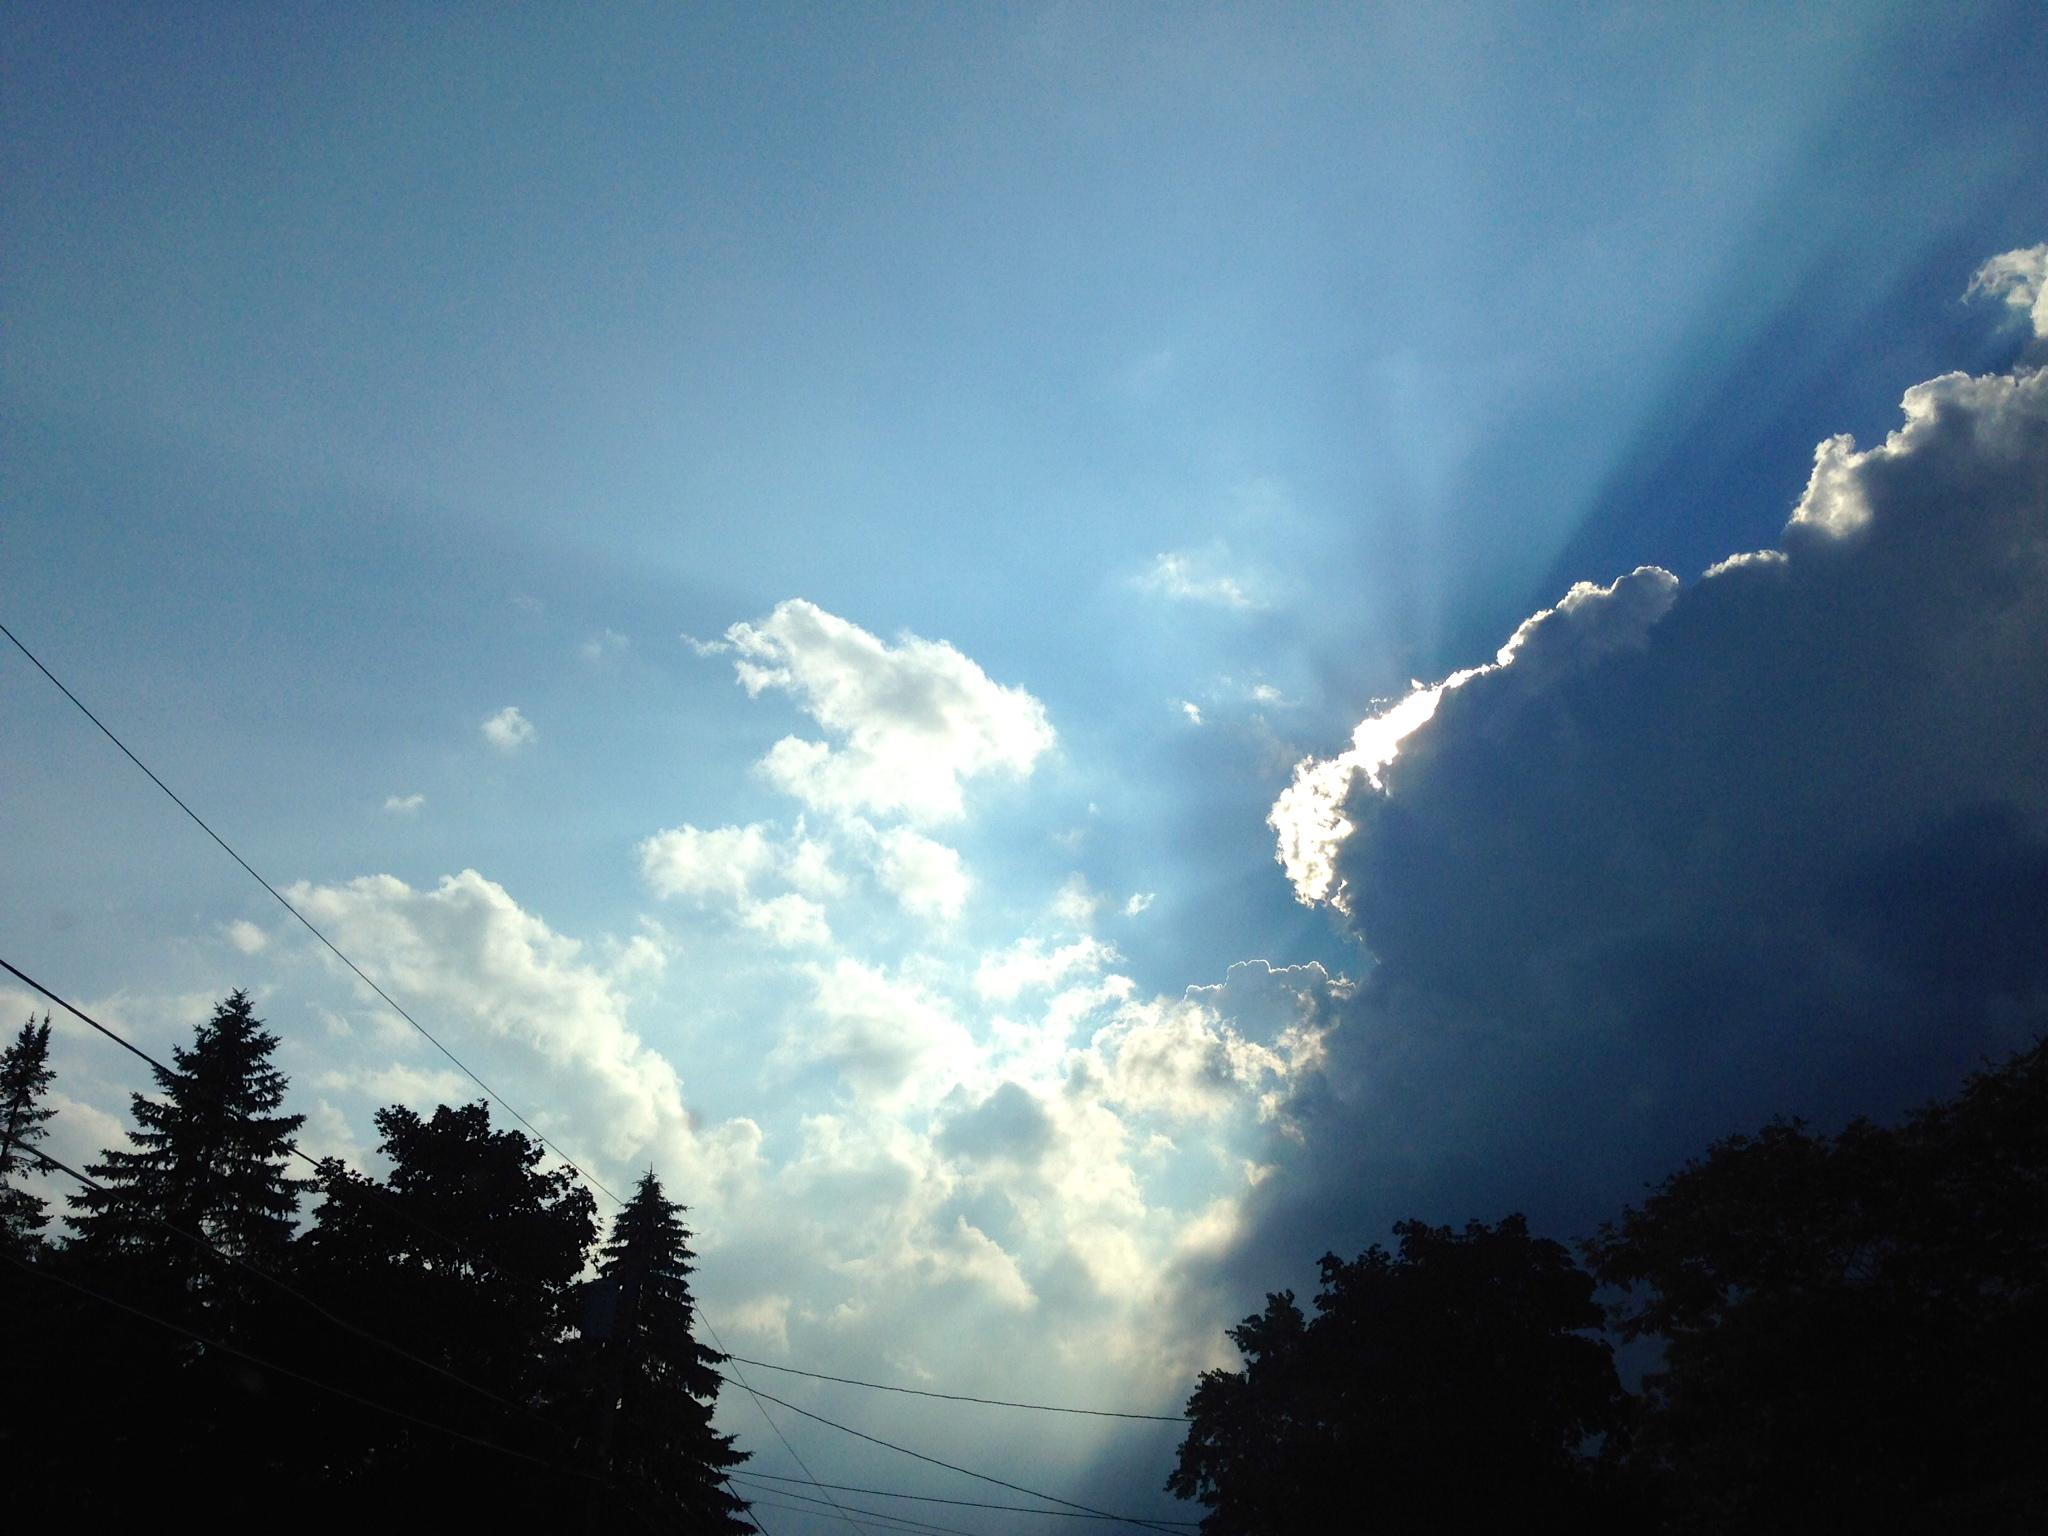 The Peeking Sun